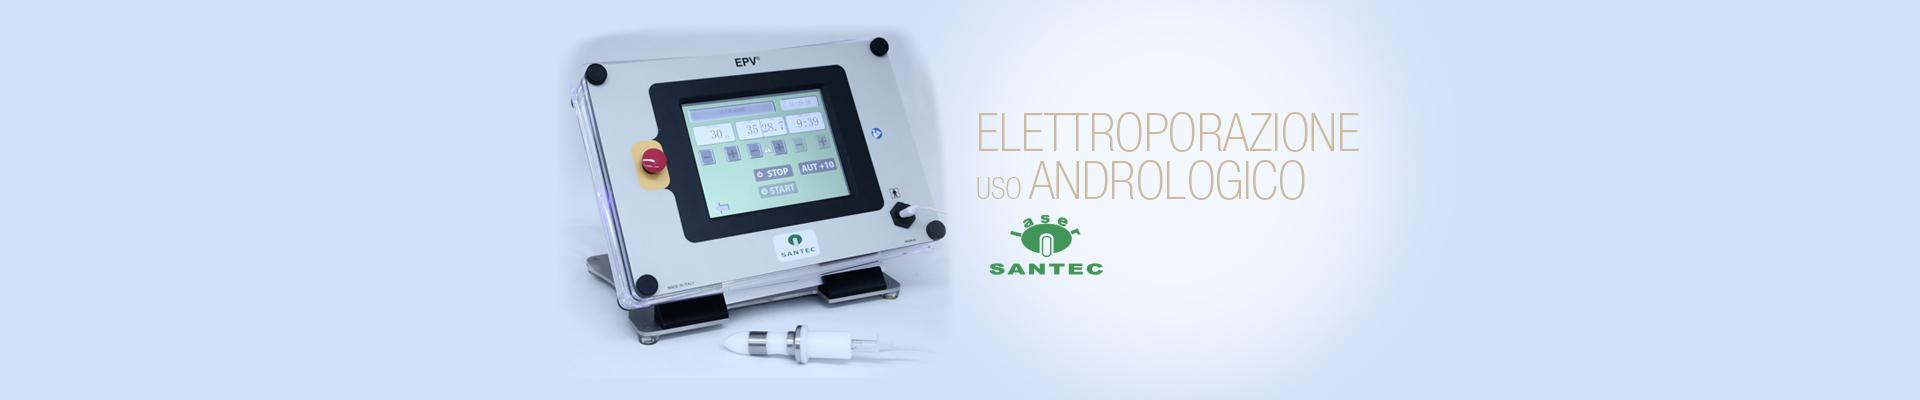 ElettroPorazione uso Andrologico 2019 - slide